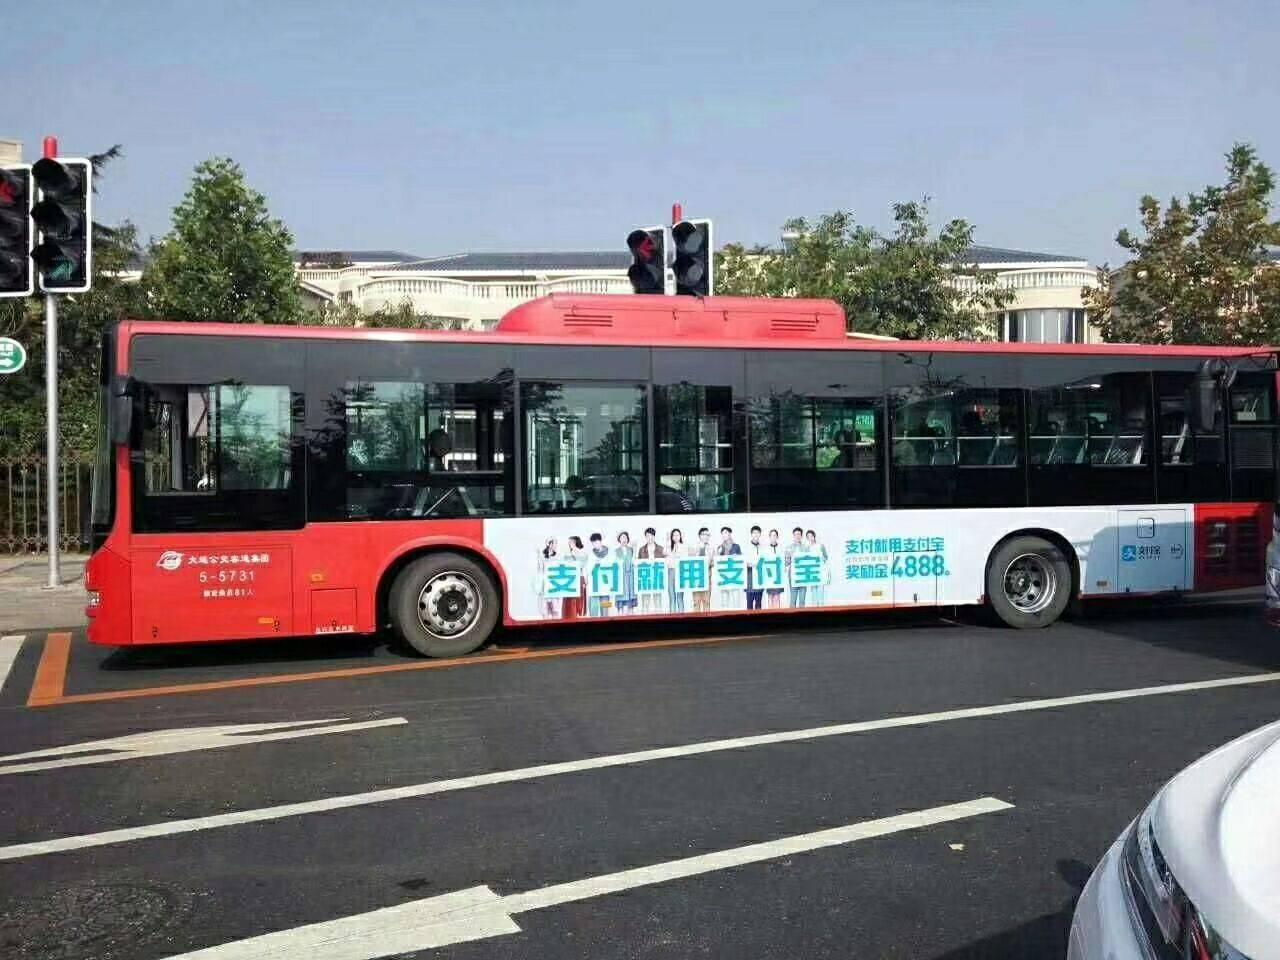 大连公交车体广告 542路/543路/551路【半年】